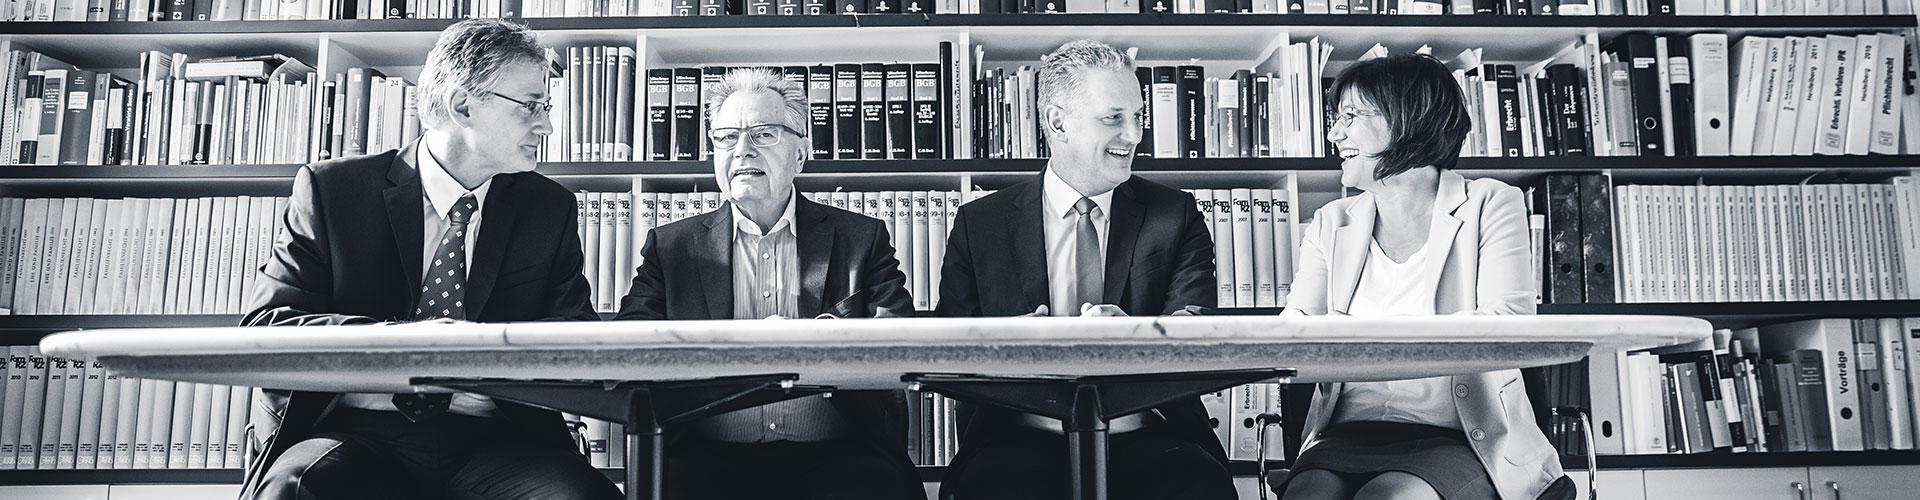 Rechtsanwälte der Anwaltskanzlei Schnorrenberg Oelbermann vor einen Bücherregal